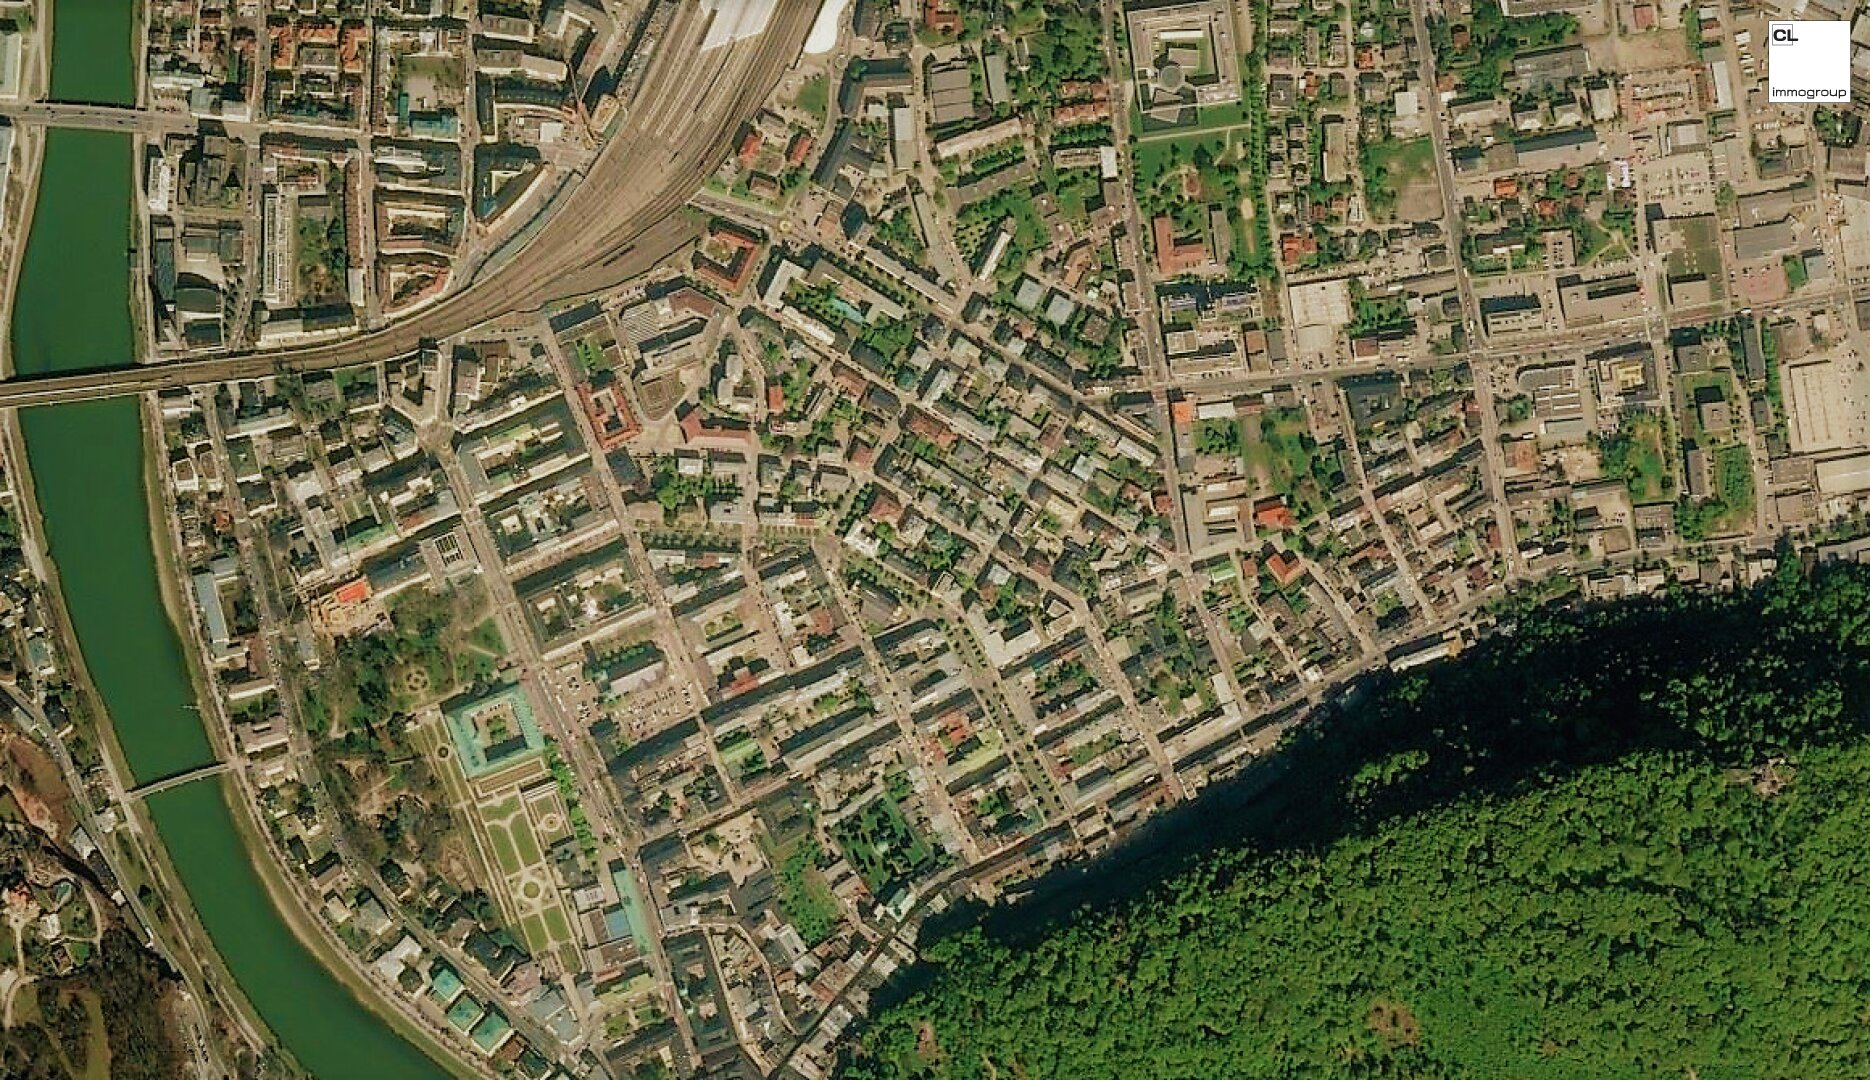 Luftbild Andräviertel